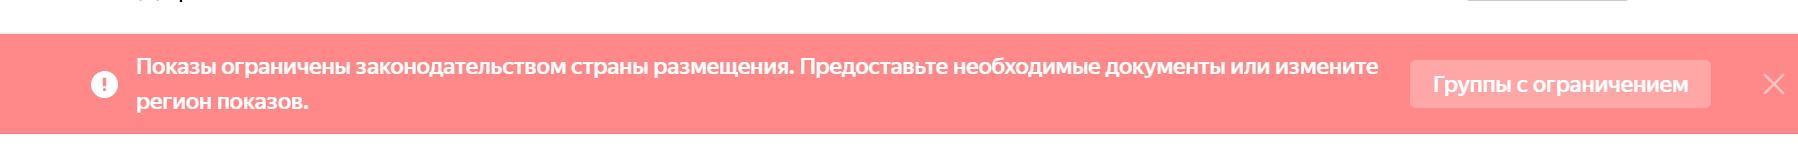 Ограничения Яндекса